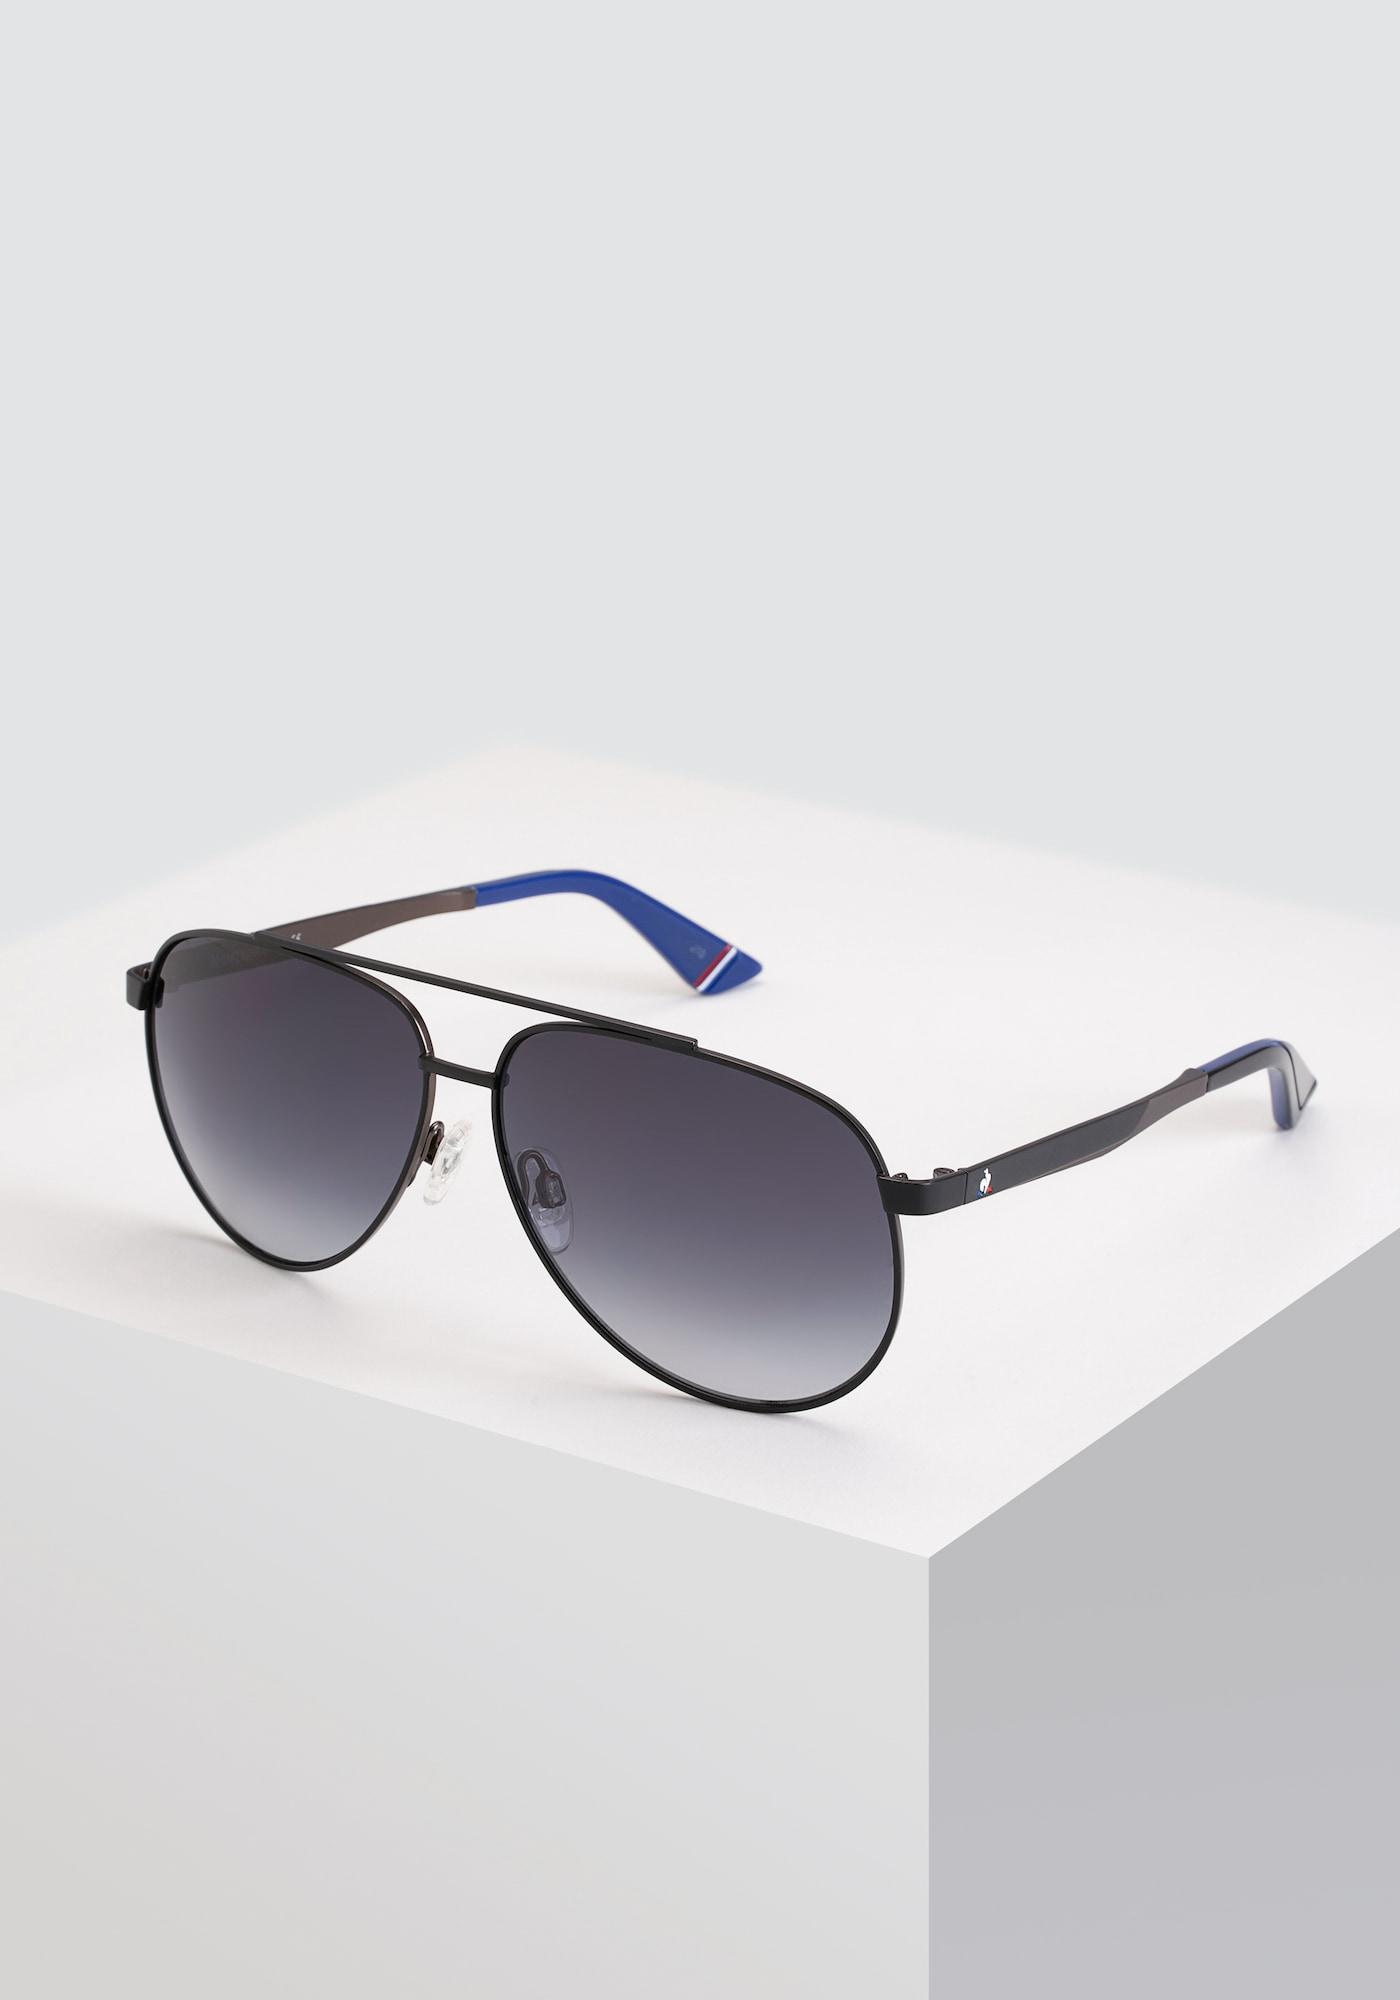 le coq sportif - Sonnenbrille 'LCS8011A 663'